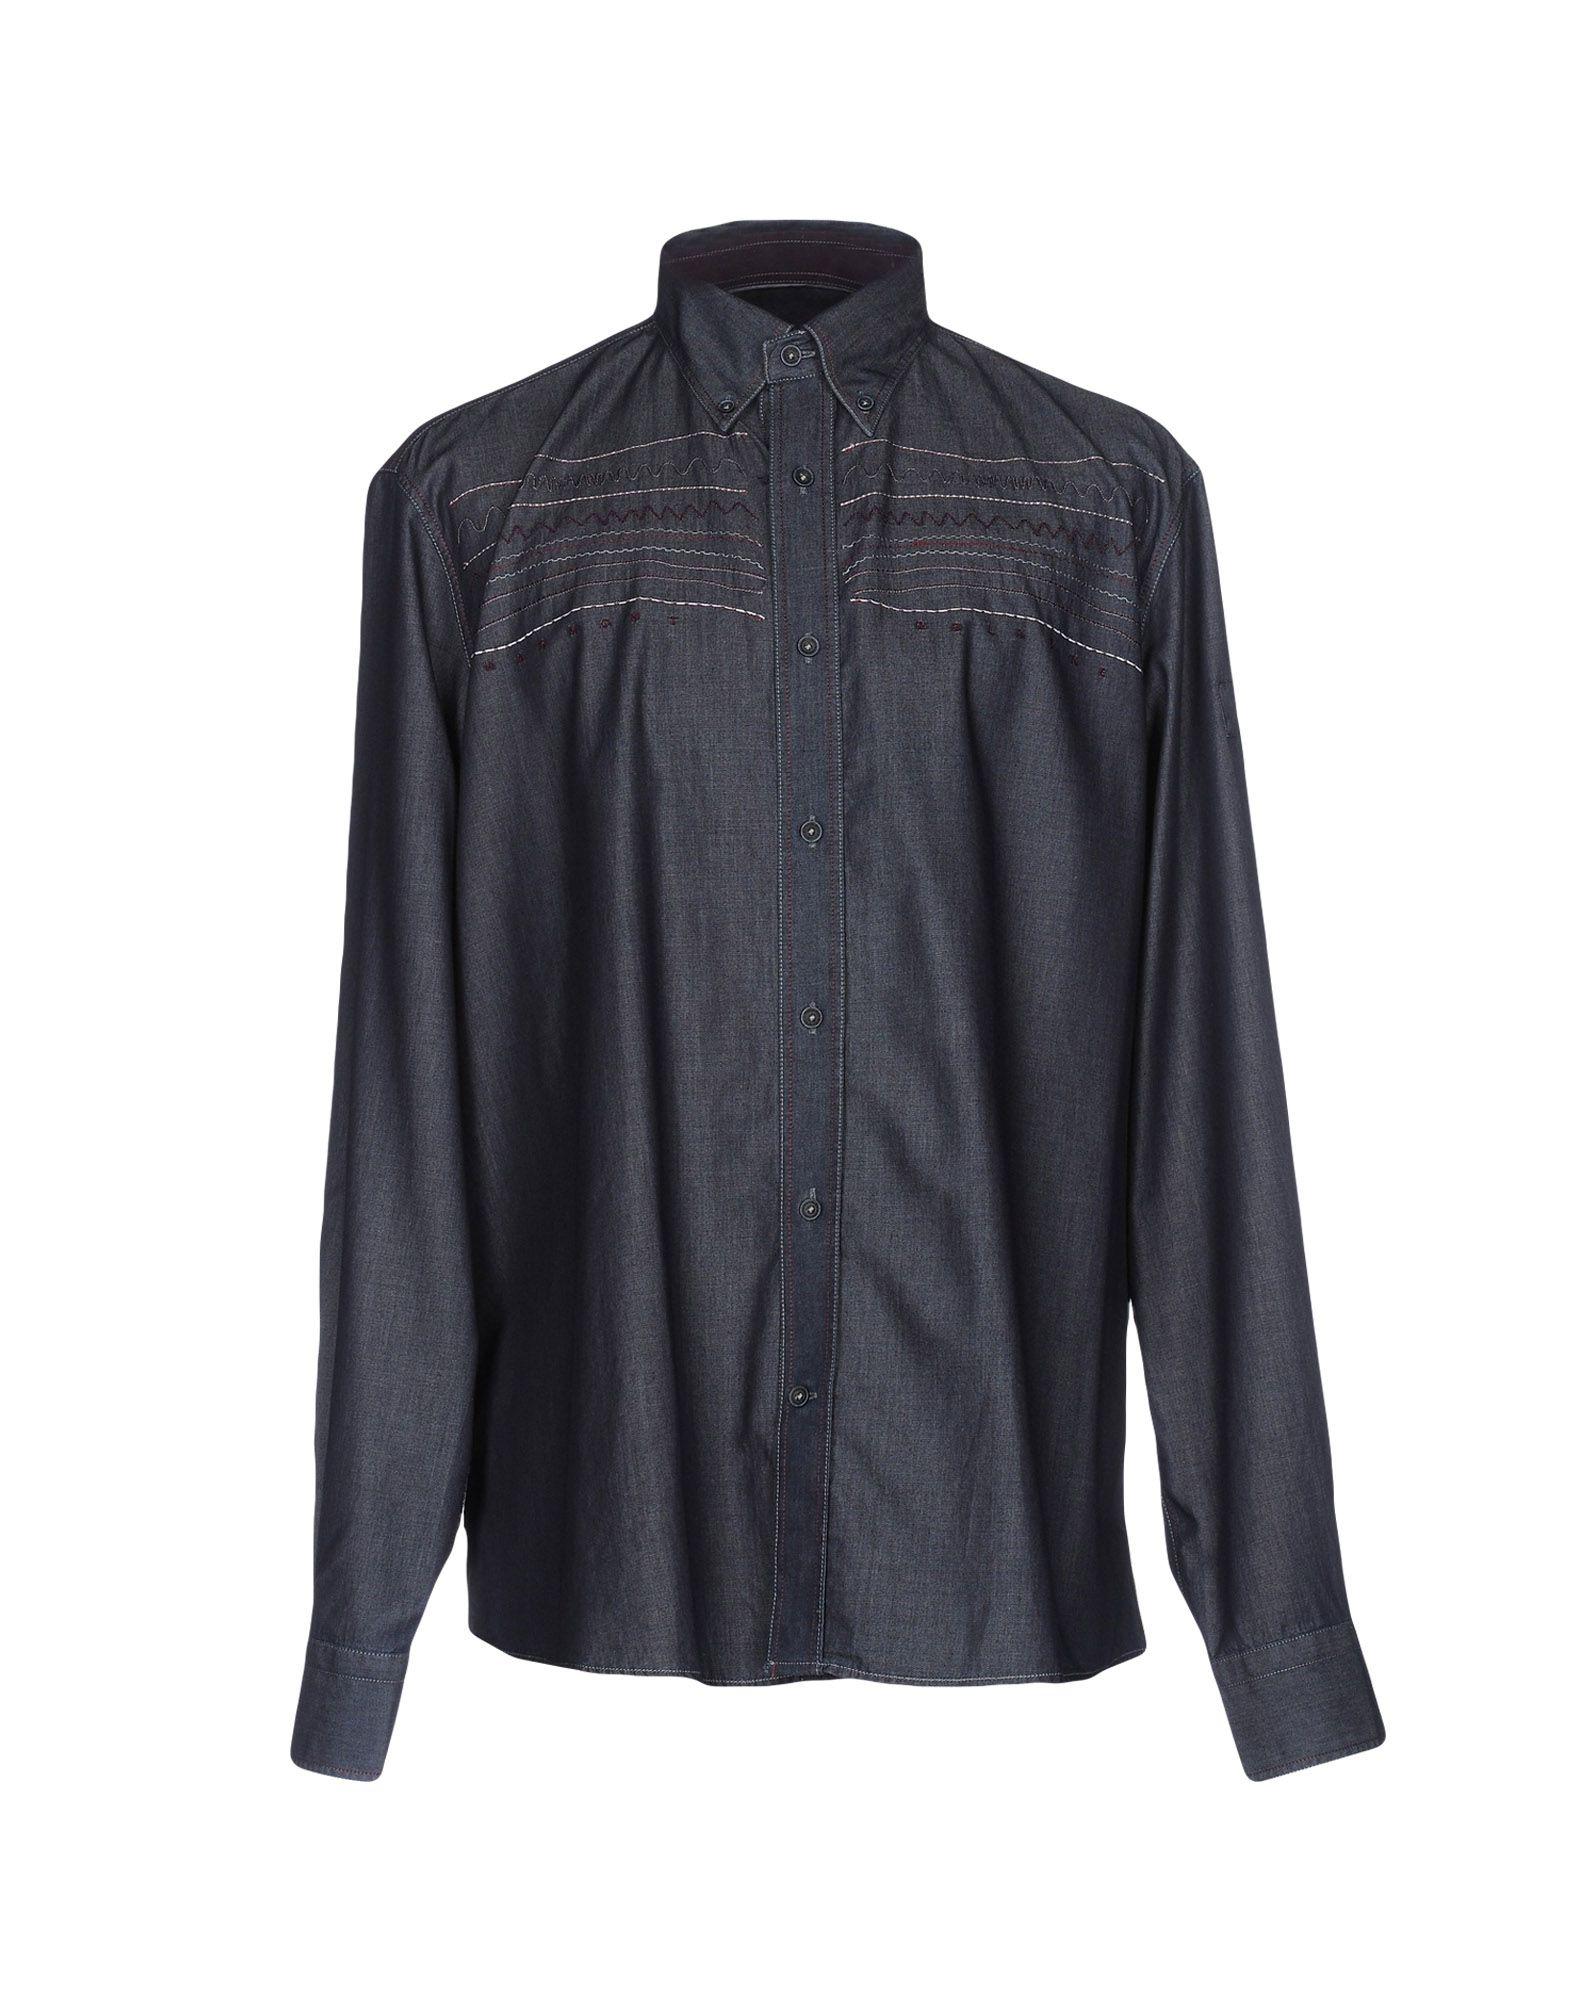 HARMONT&BLAINE Herren Hemd Farbe Dunkelblau Größe 8